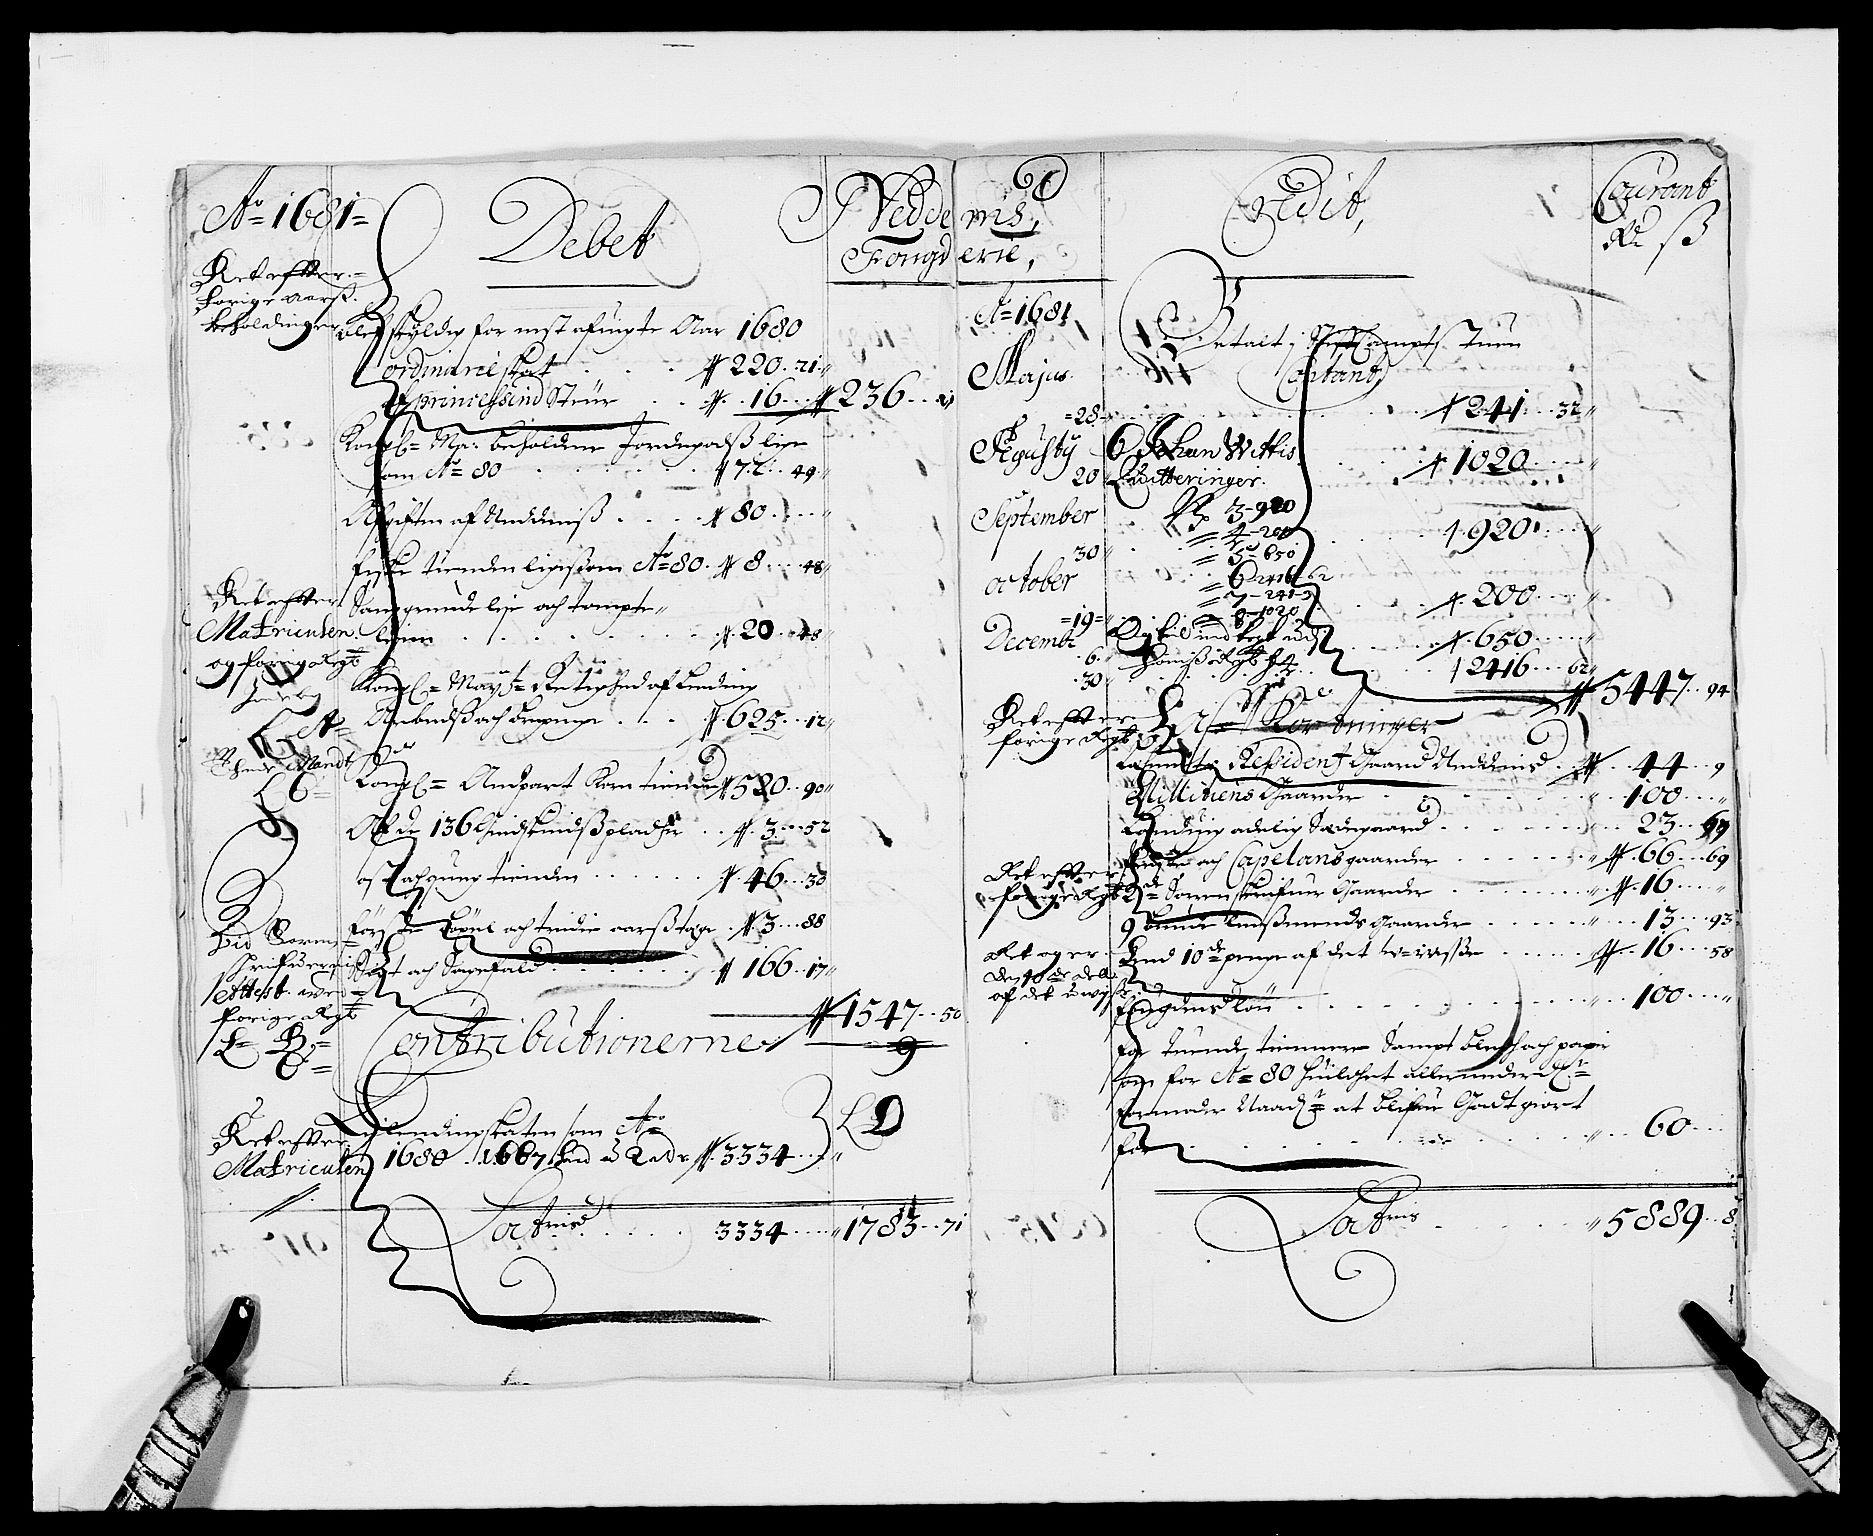 RA, Rentekammeret inntil 1814, Reviderte regnskaper, Fogderegnskap, R39/L2306: Fogderegnskap Nedenes, 1680-1683, s. 7